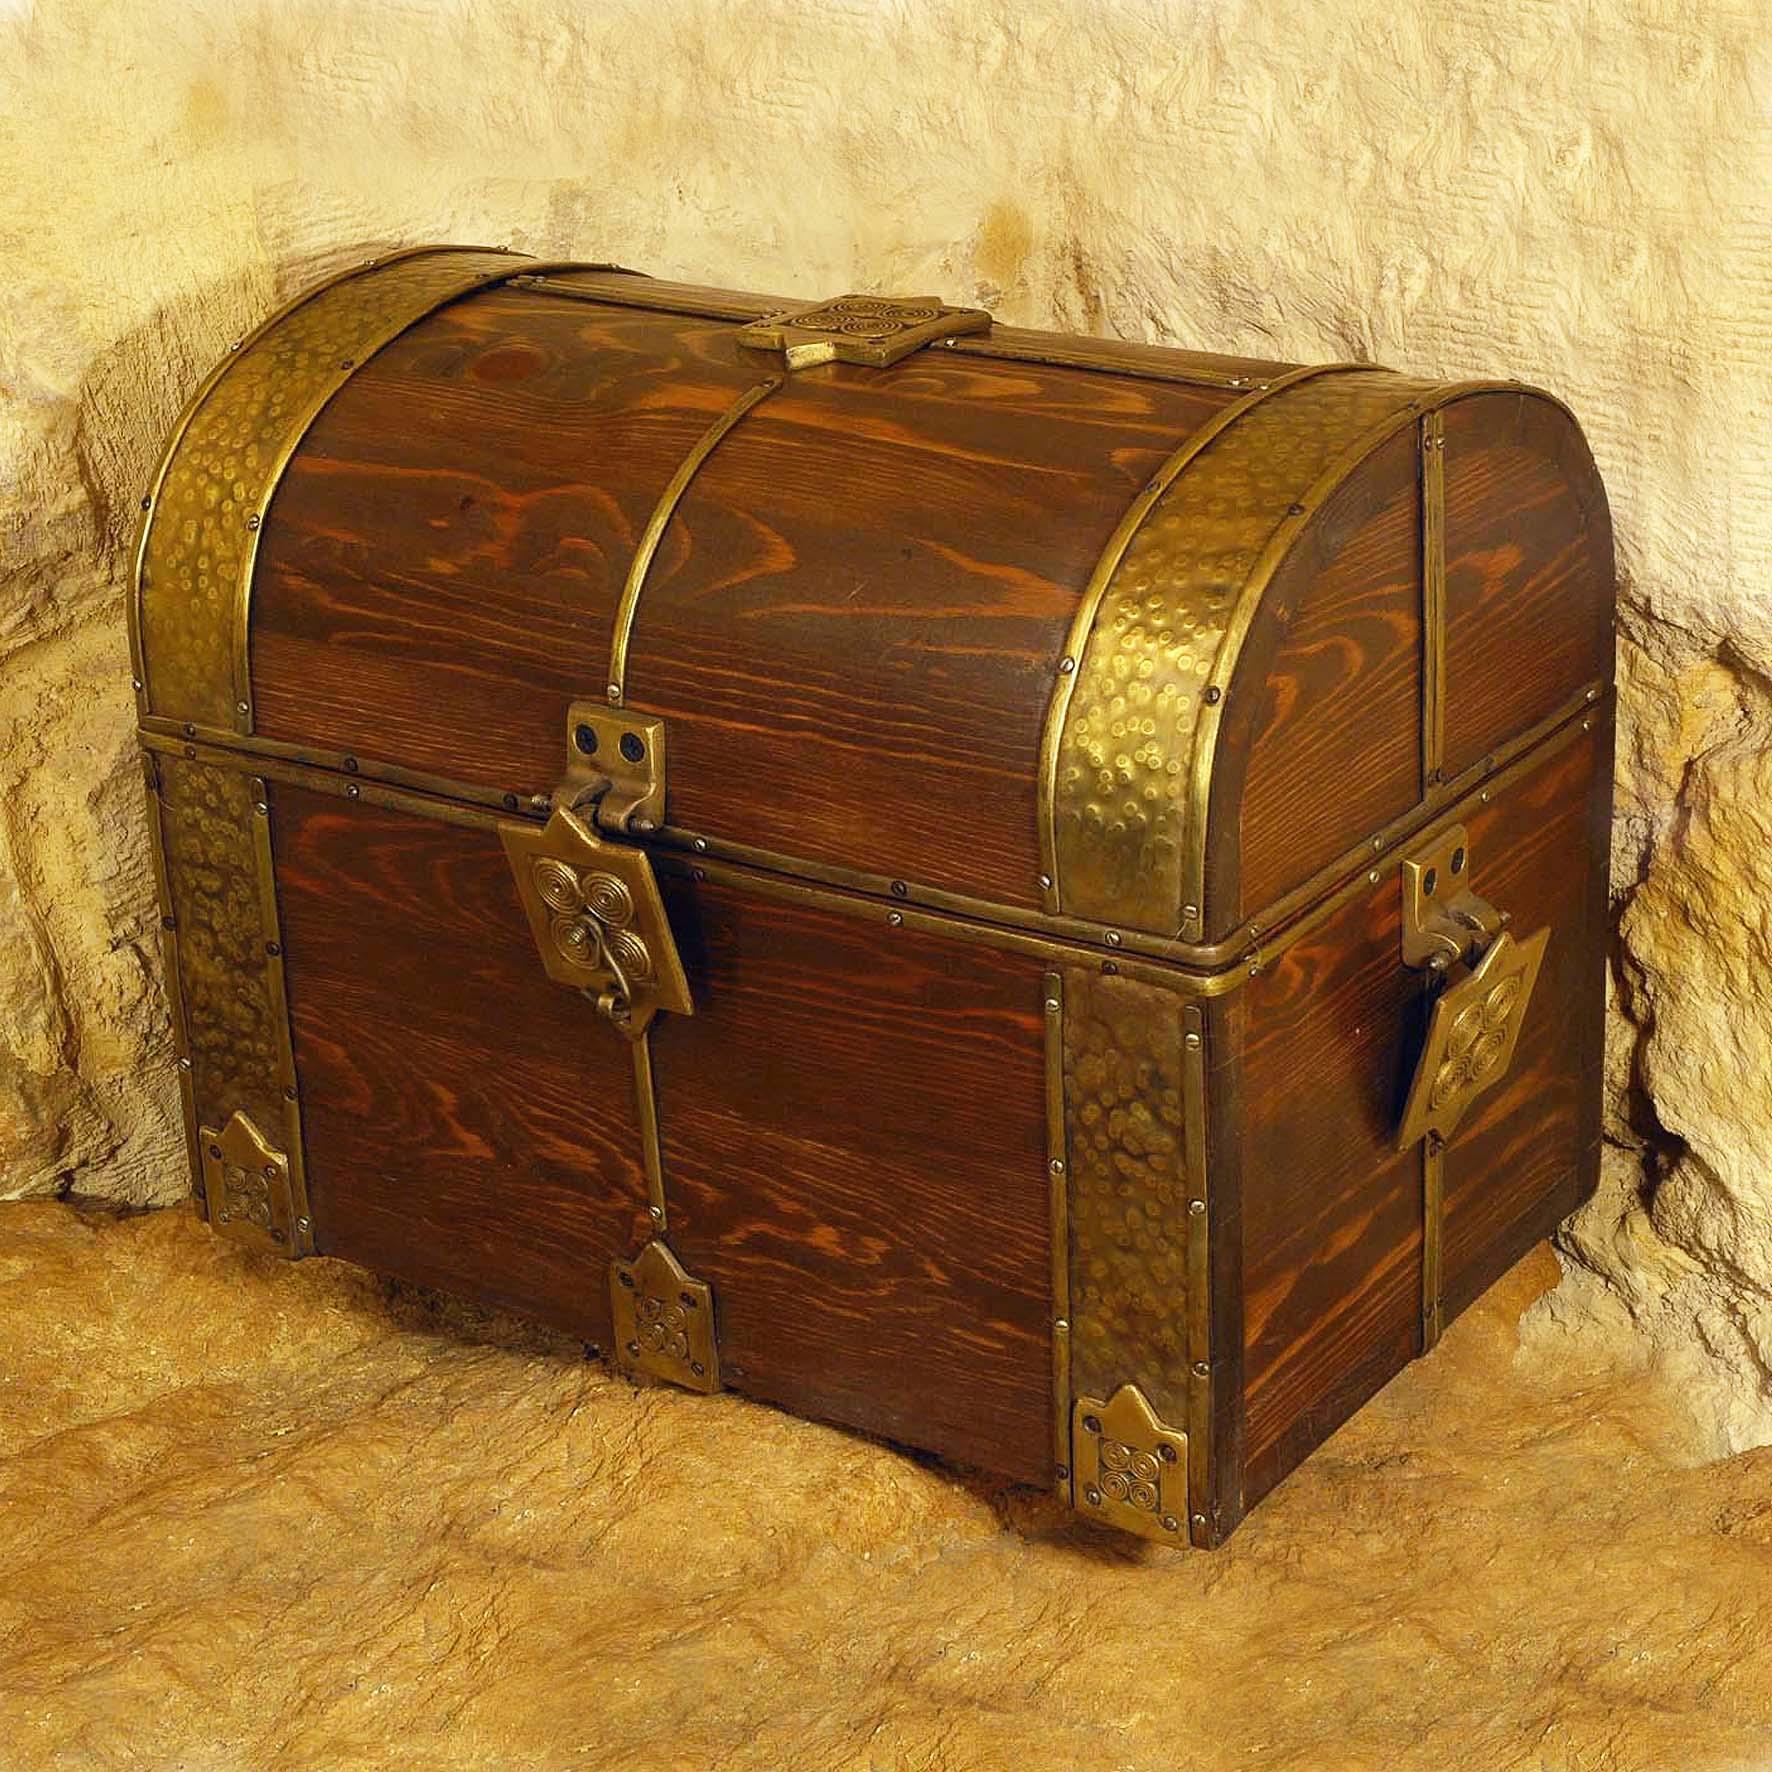 Dome Box